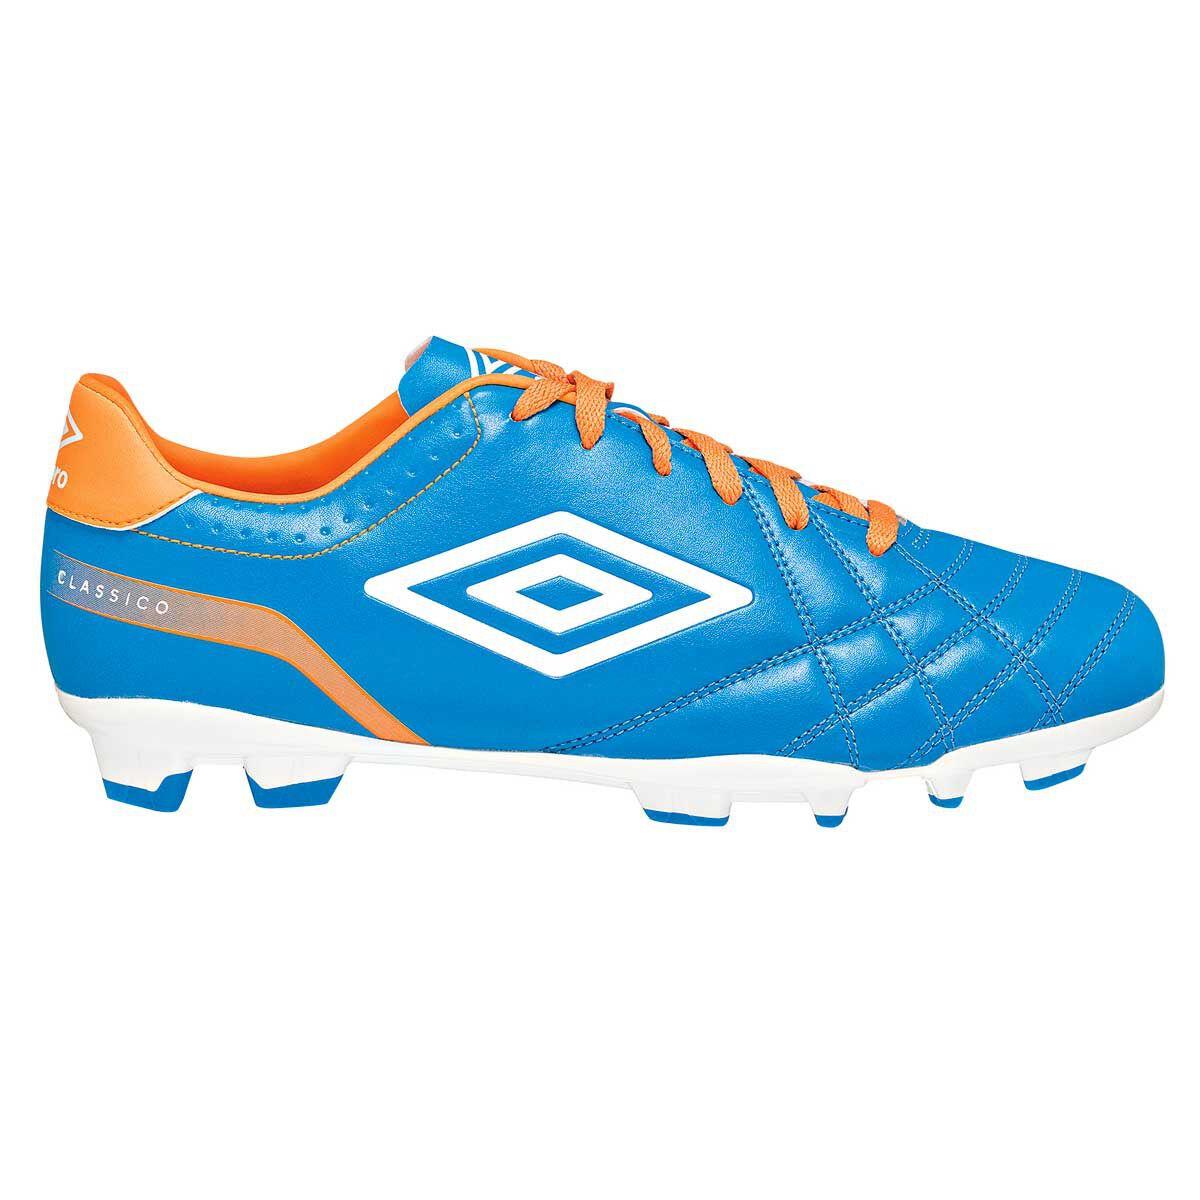 Umbro Classico 4 Junior Football Boots |